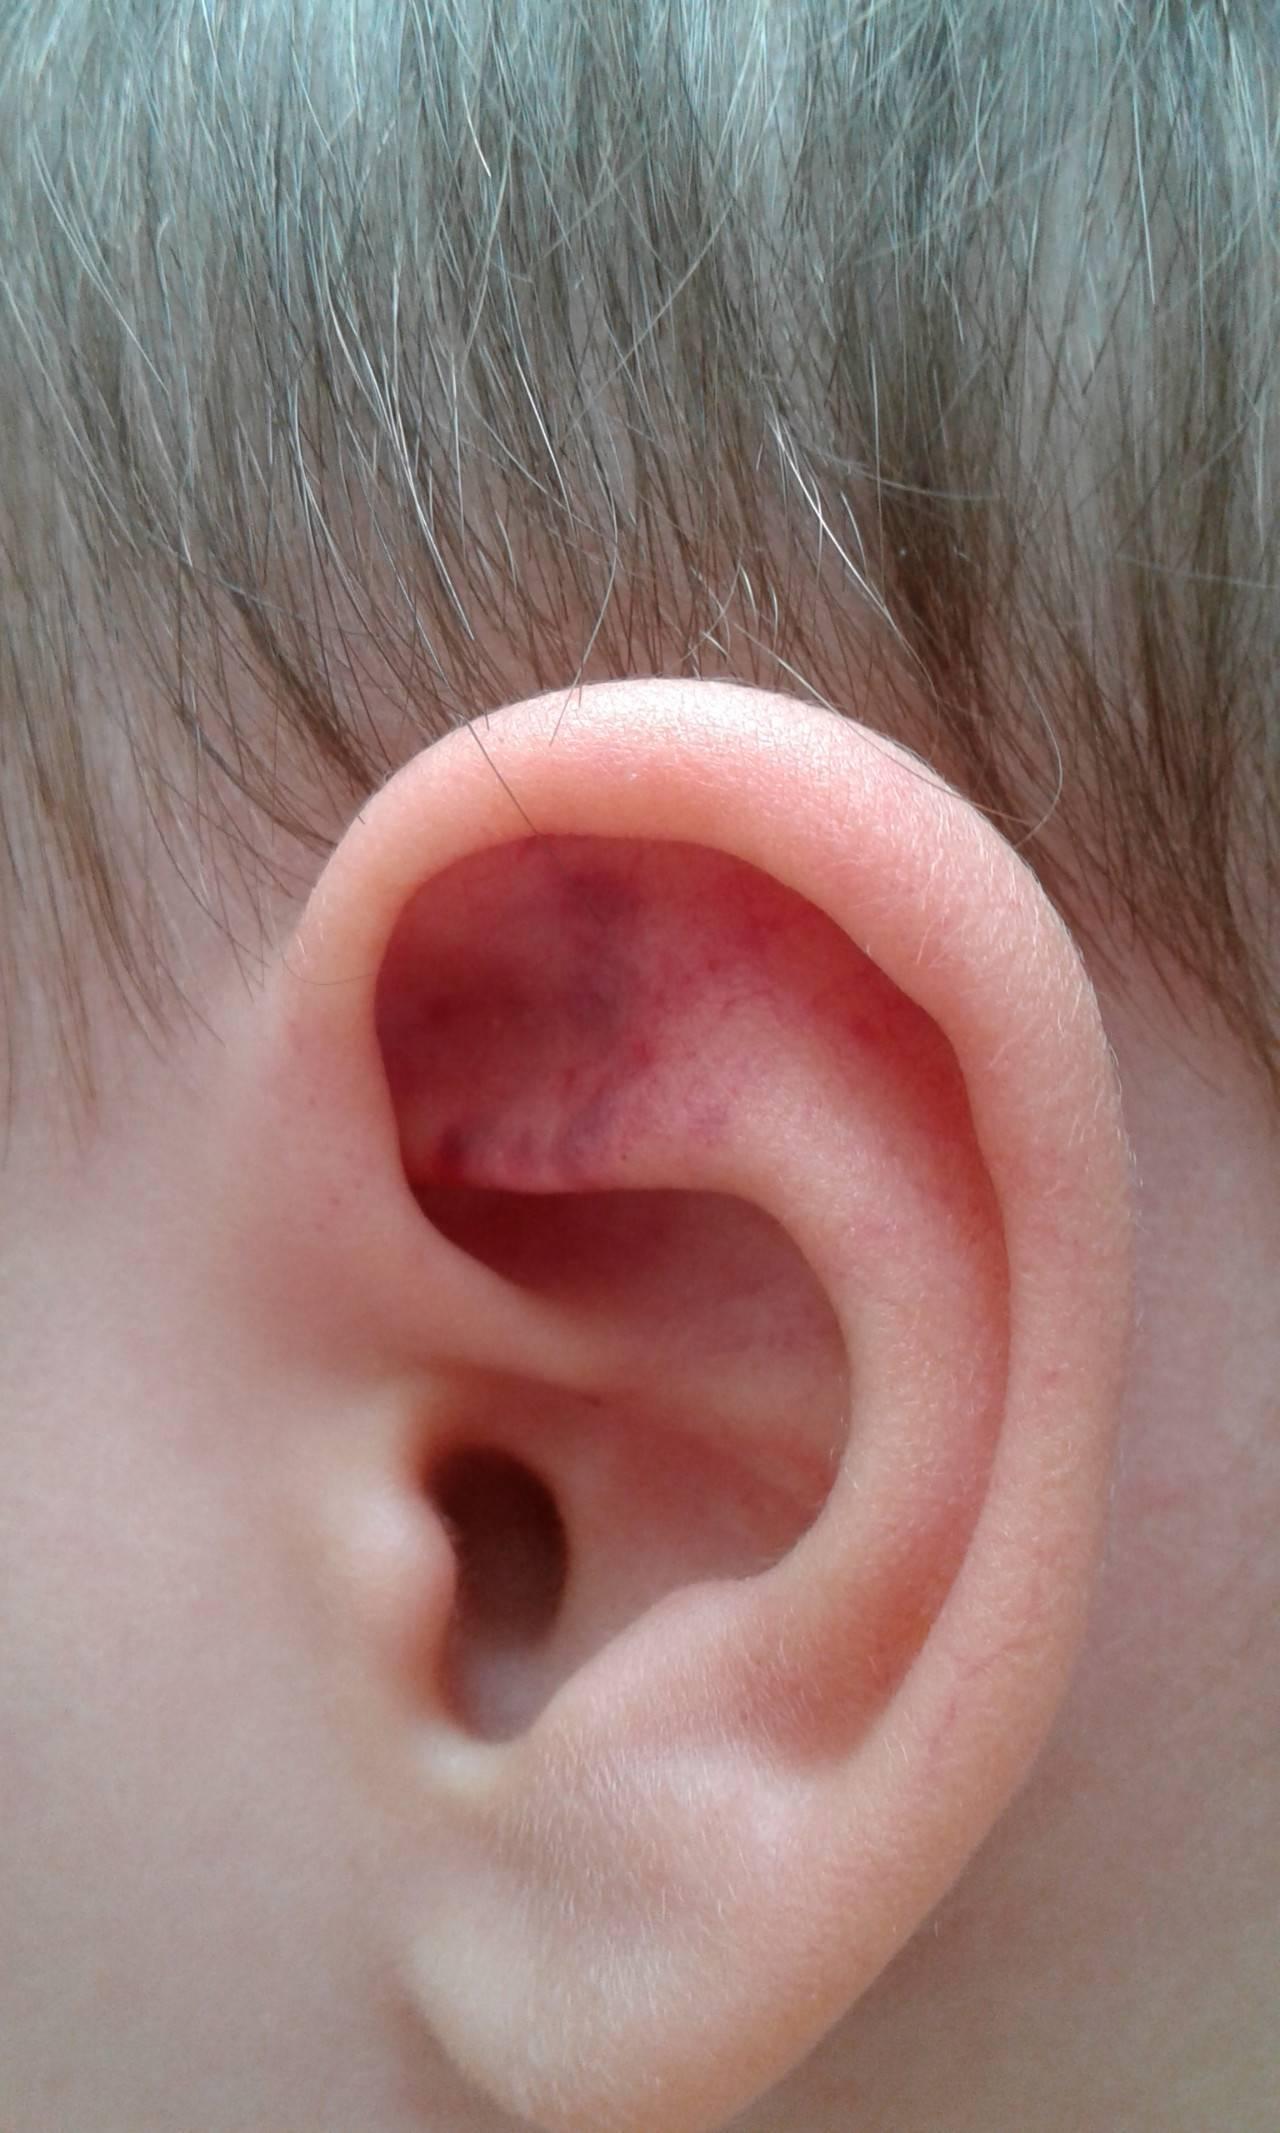 Причины появления болячек в ухе и основные принципы лечения